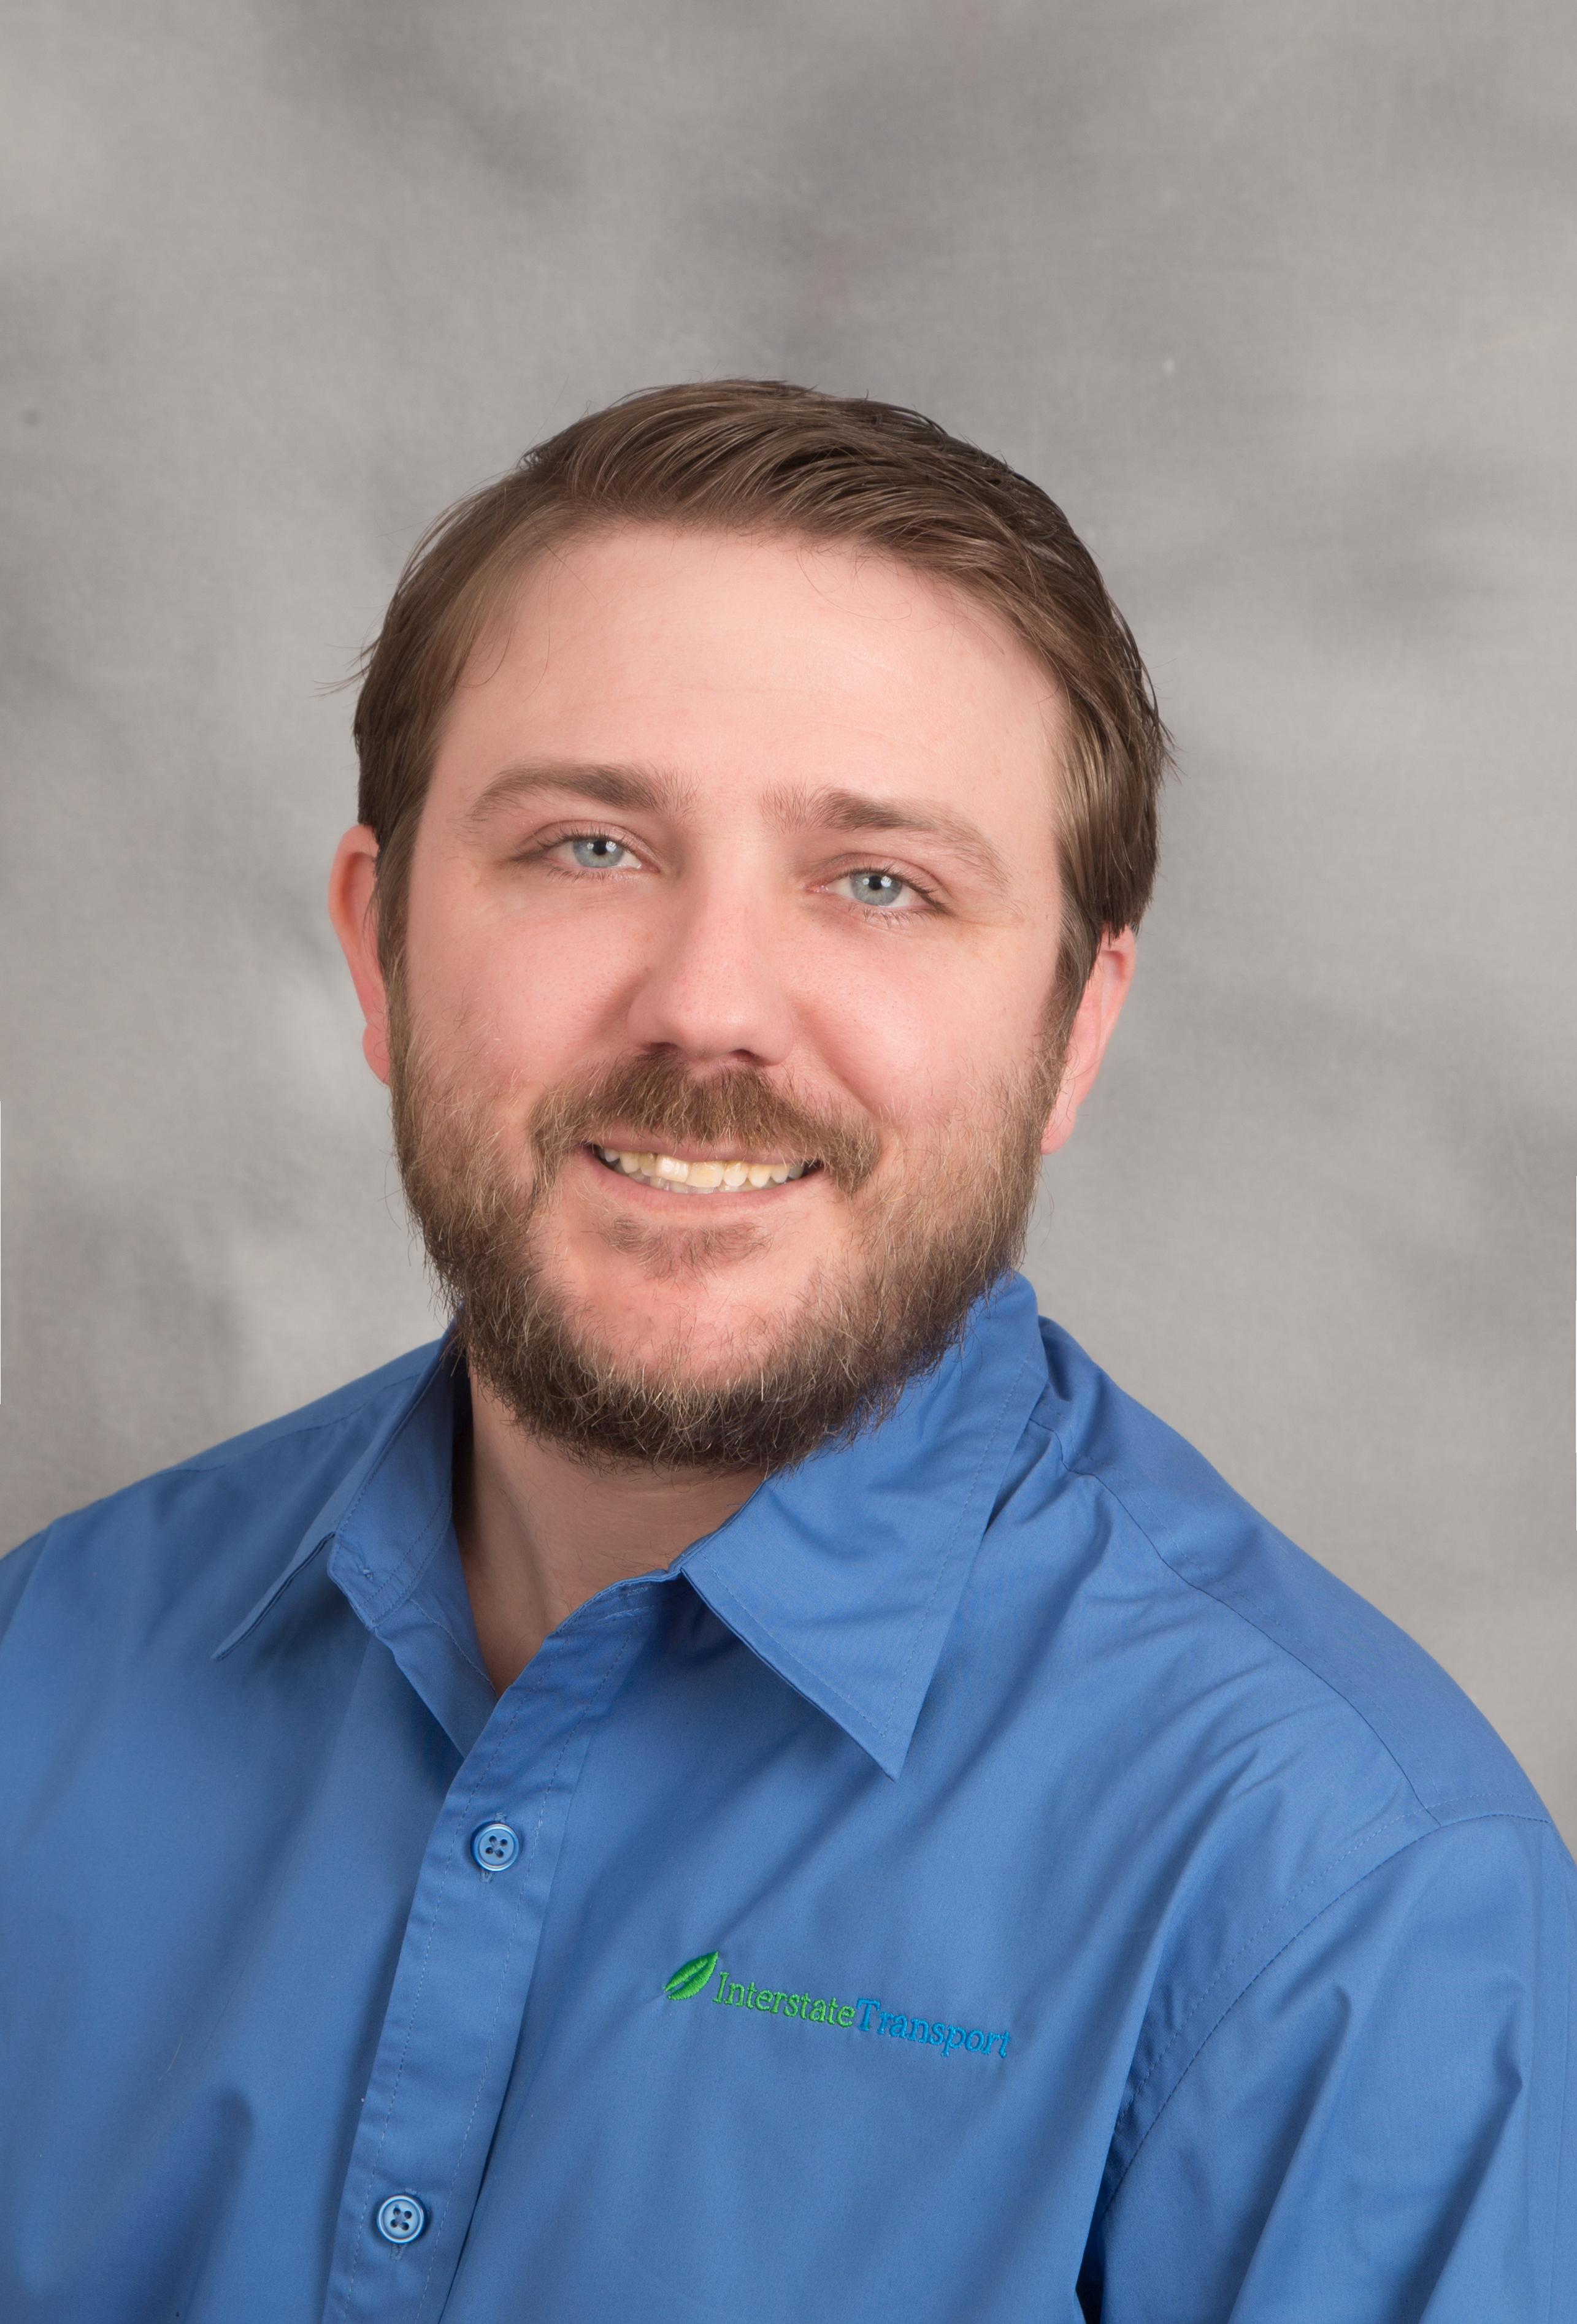 Corey Arrington